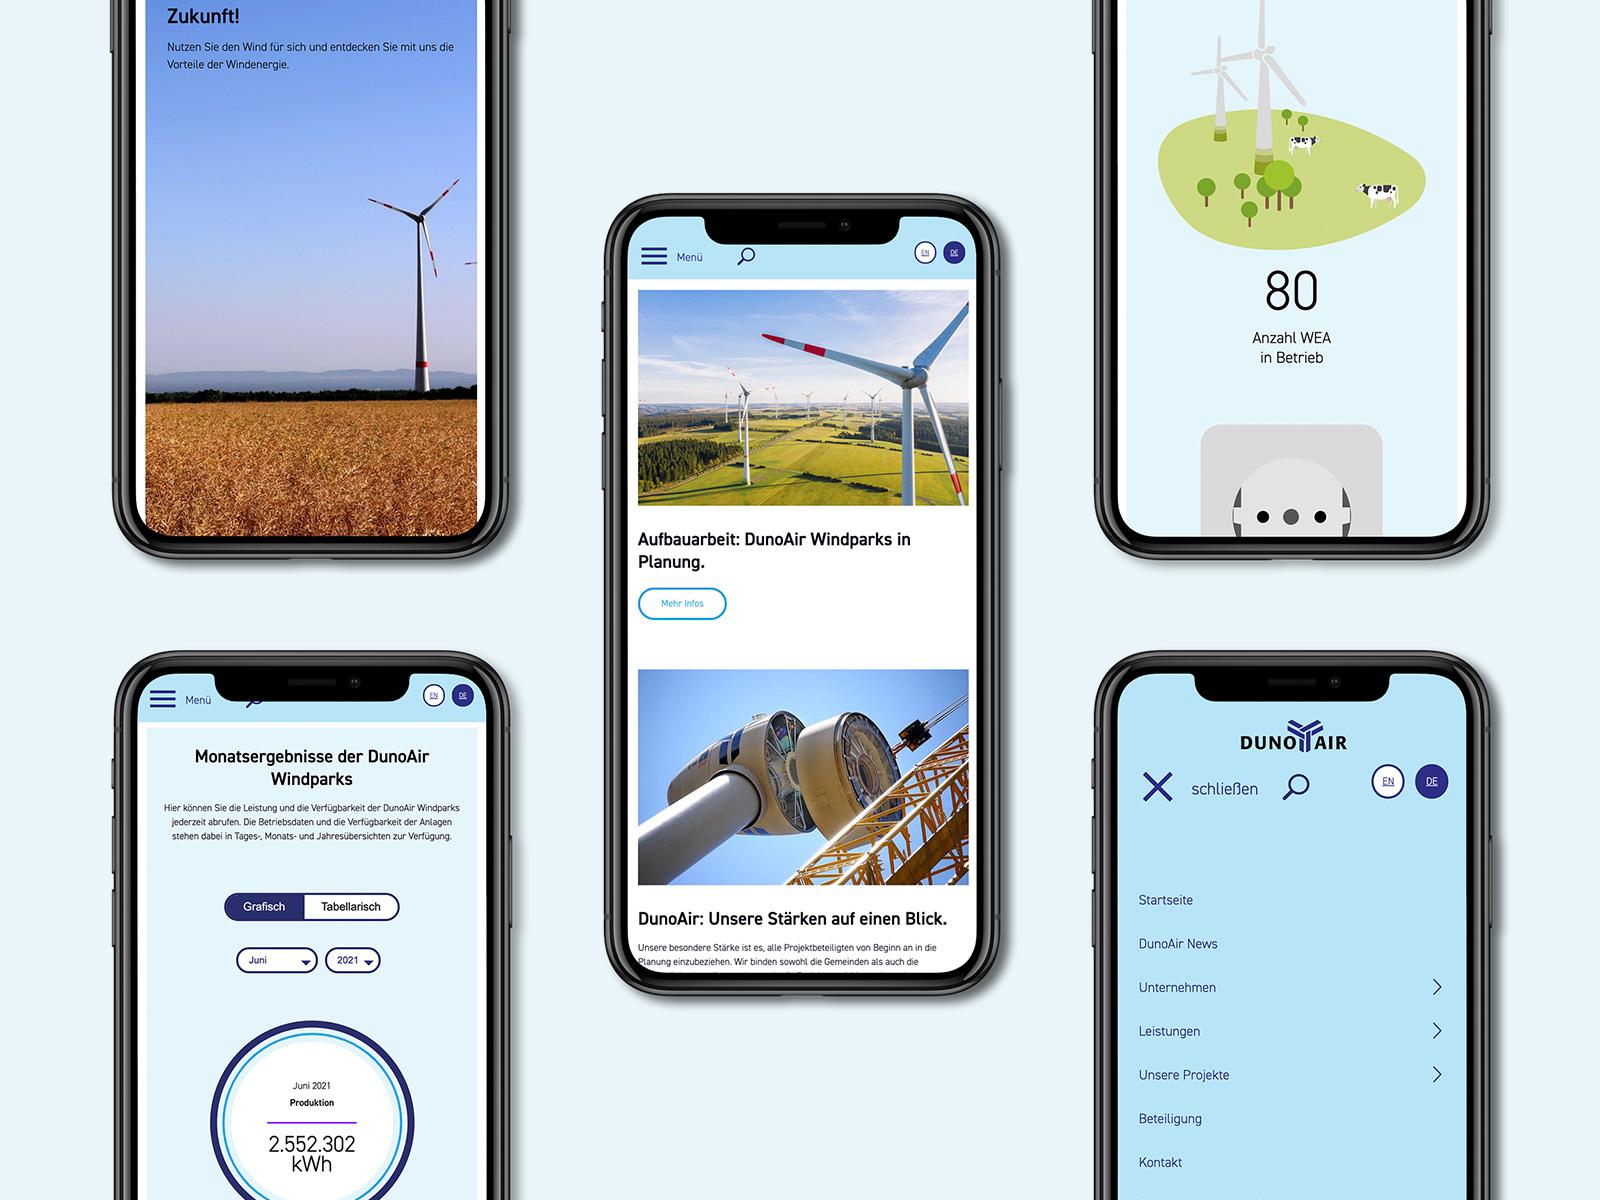 DunoAir Onlinepräsenz auf Mobilen Geräten